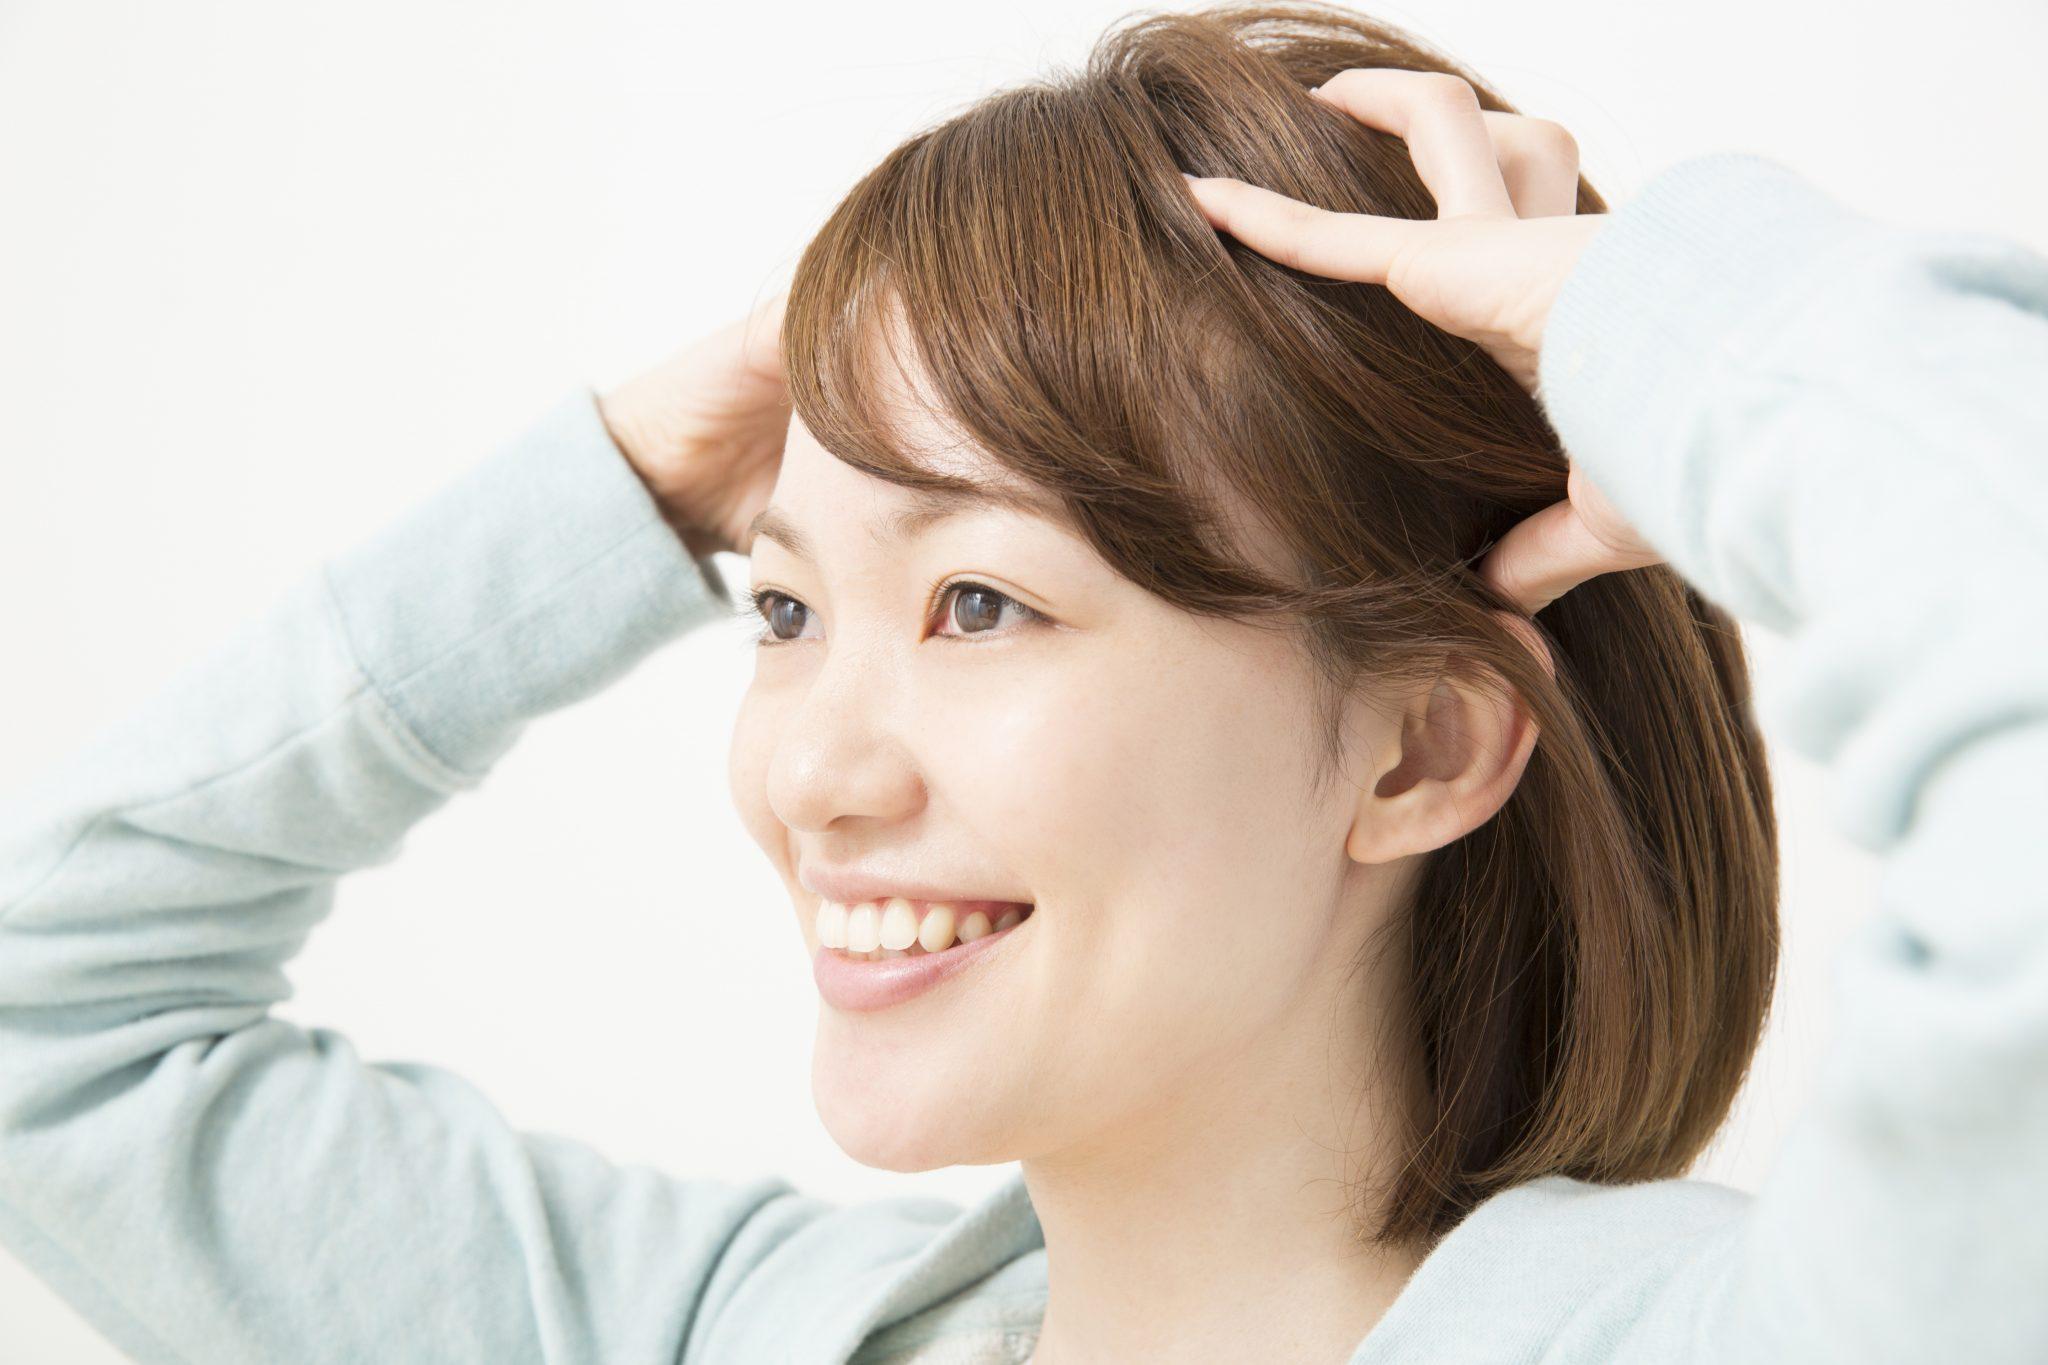 でこぼこ 頭皮 かゆみ フケ、かゆみ、できもの、かさぶた…「頭皮湿疹」の原因と対策を医師が解説!セルフケアから皮膚科での治療まで